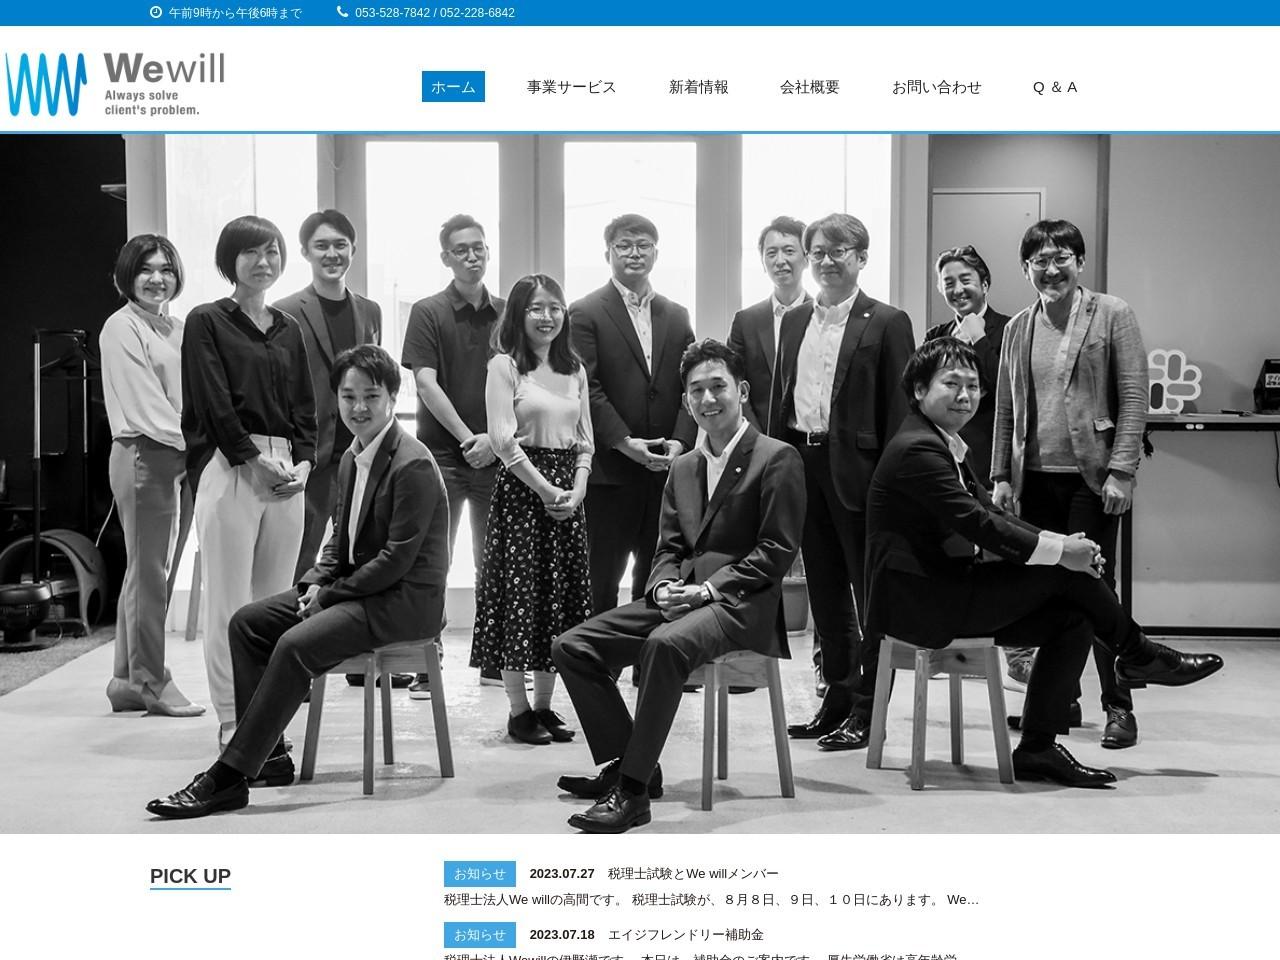 Wewill(税理士法人)